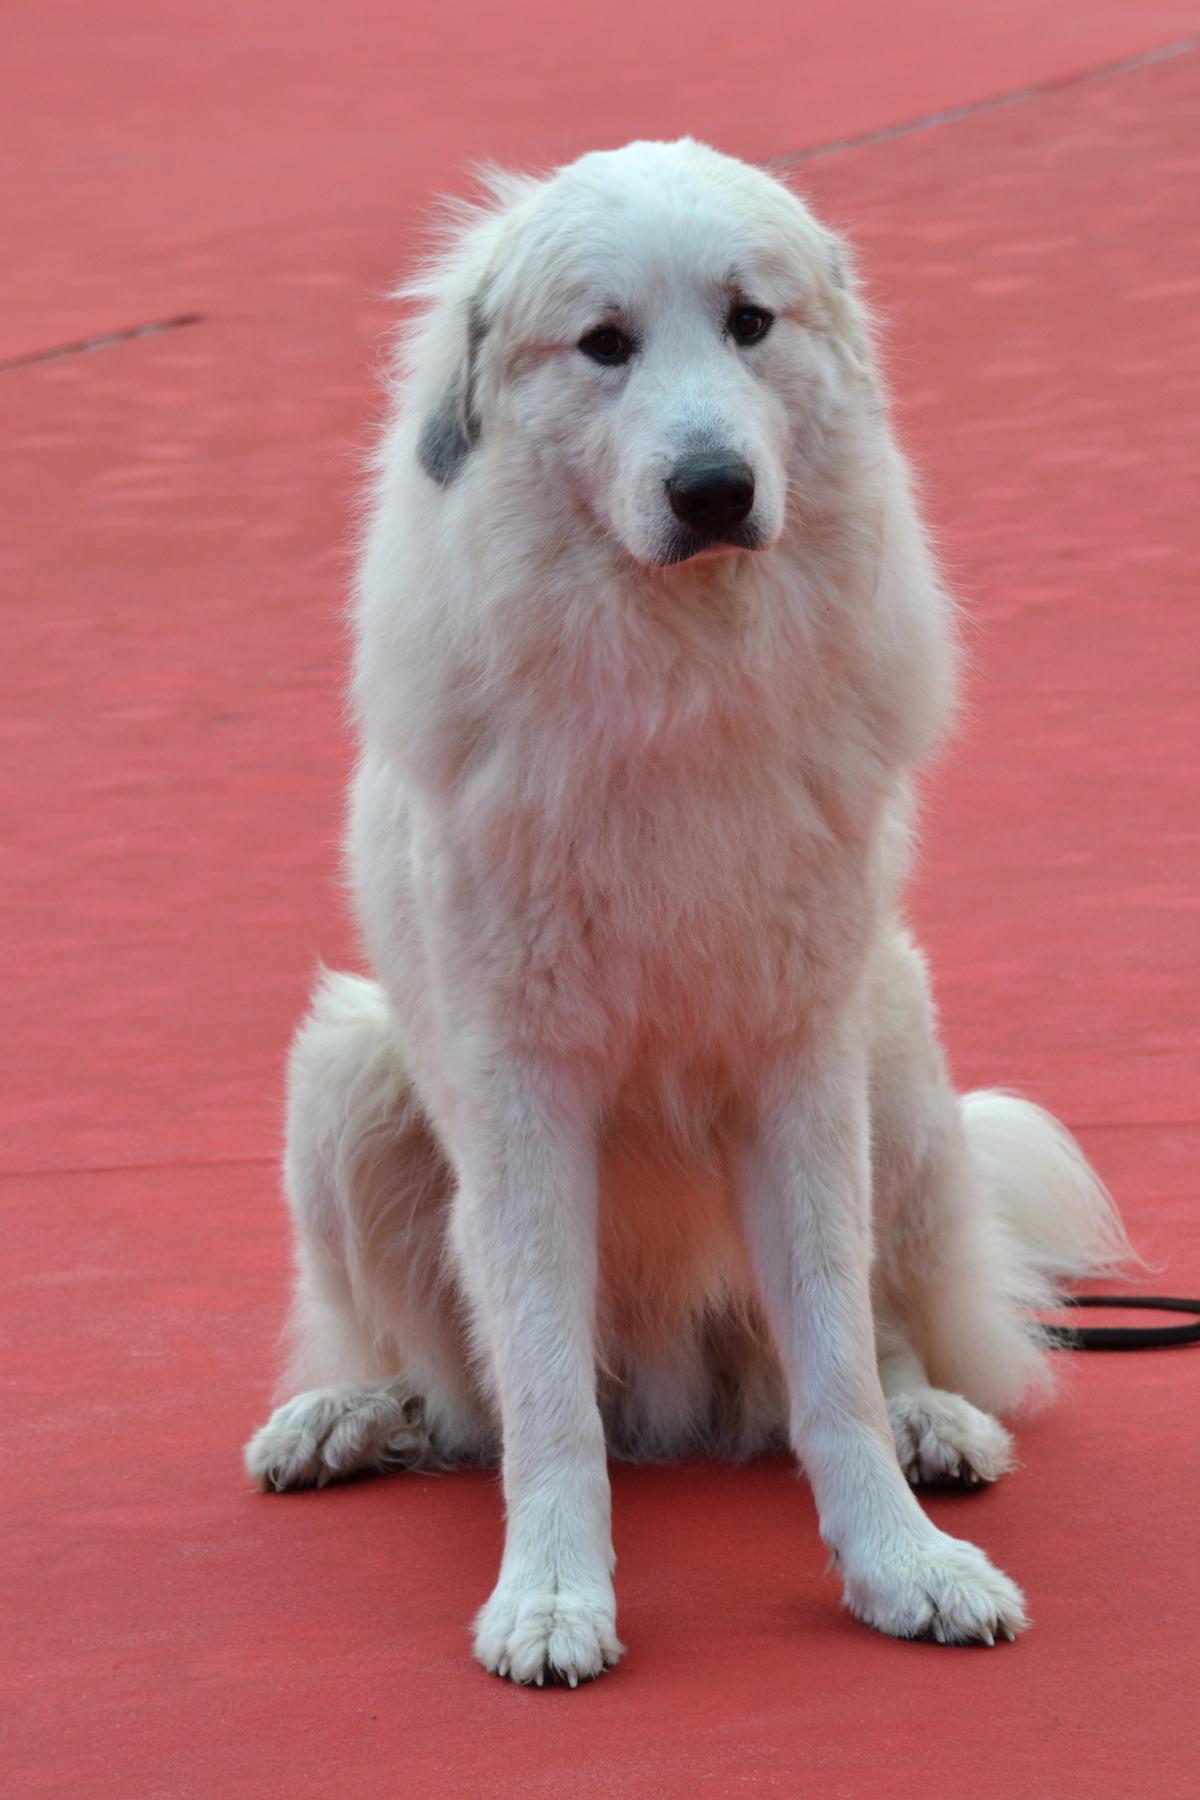 Roma 2015: il cane Belle in uno scatto sul tappeto rosso di Belle & Sèbastien, l'avventura continua